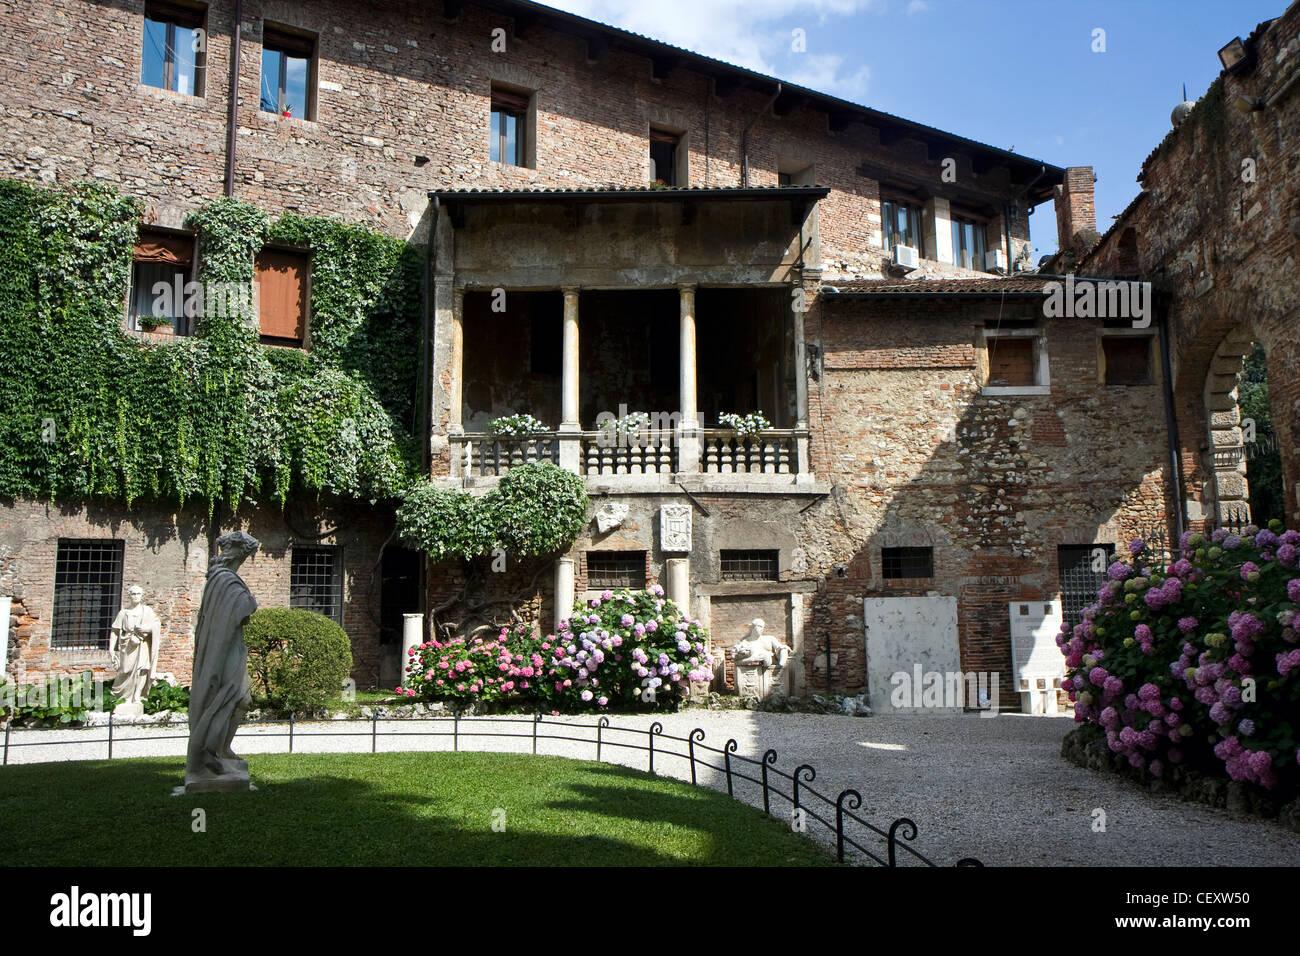 Teatro Olimpico garden in Vicenza, Italy - Stock Image